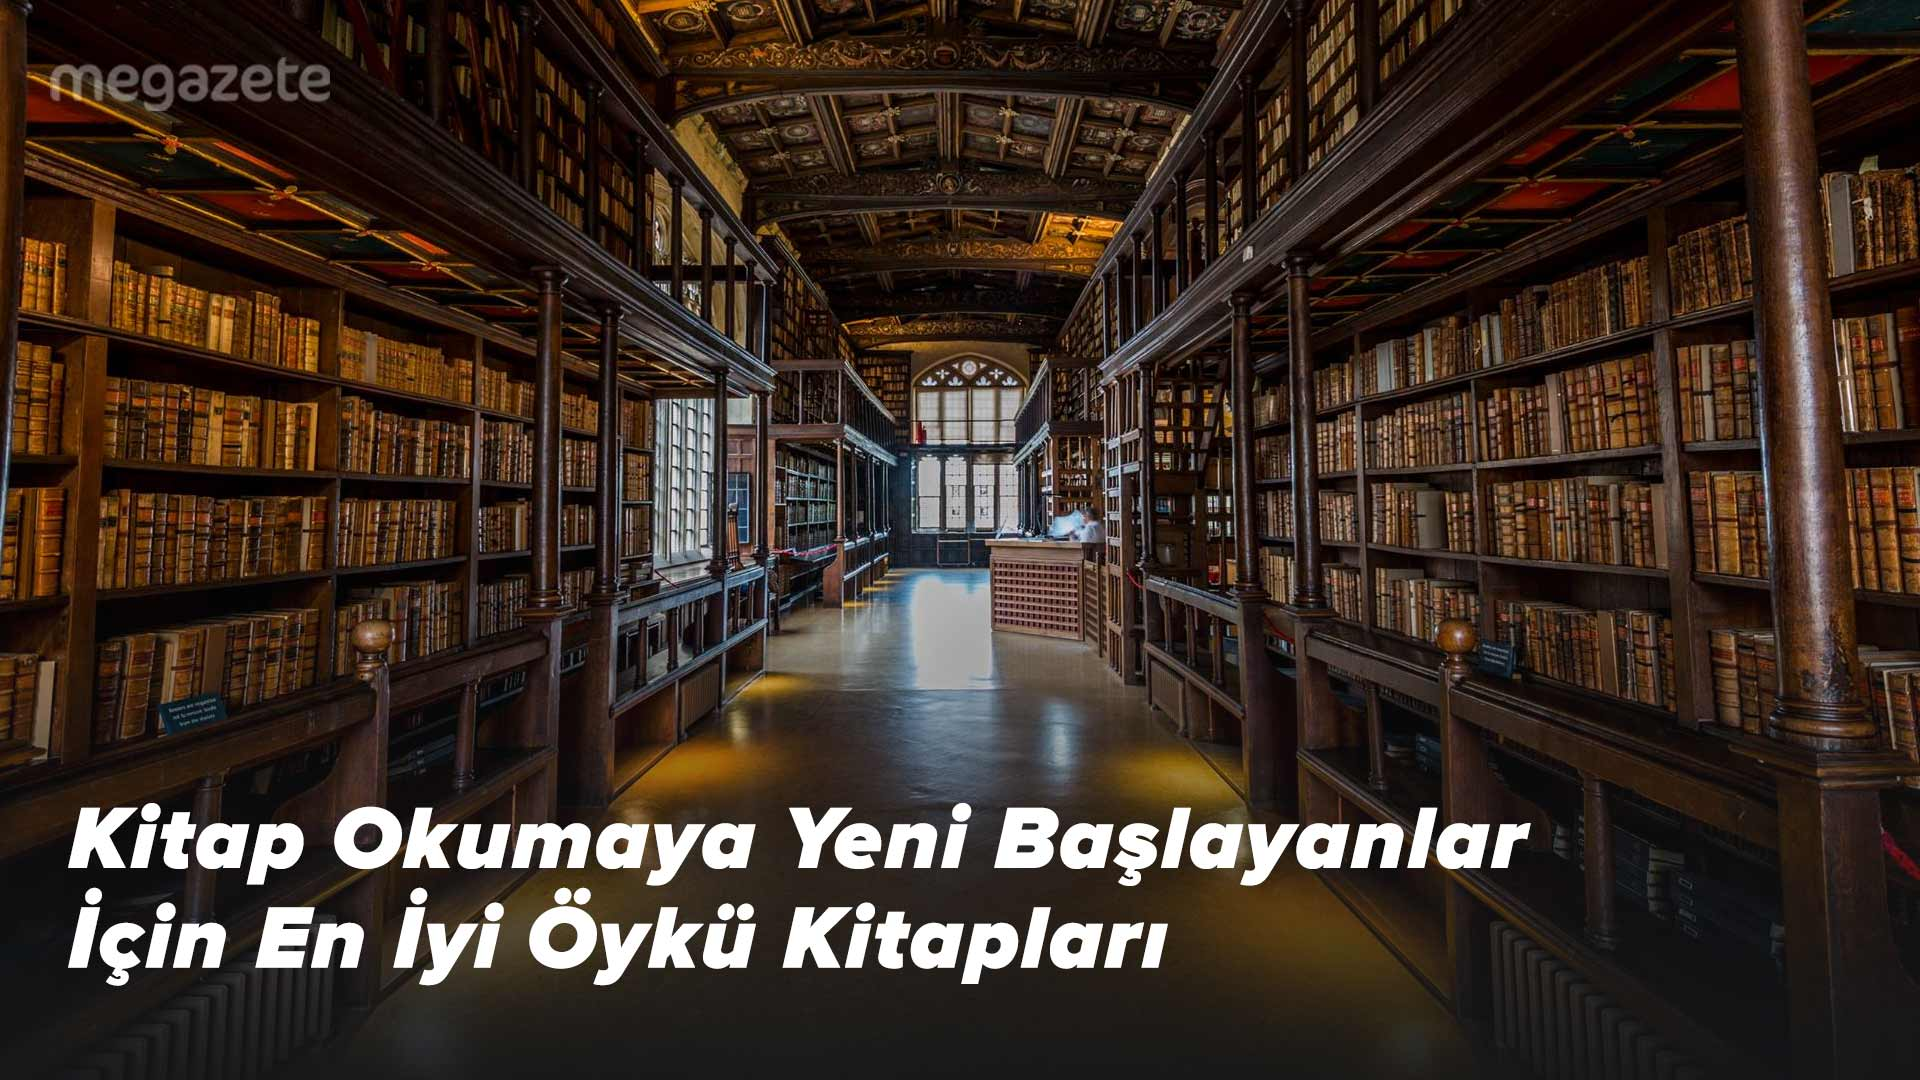 Kitap Okumaya Yeni Başlayanlar İçin En İyi Öykü Kitapları